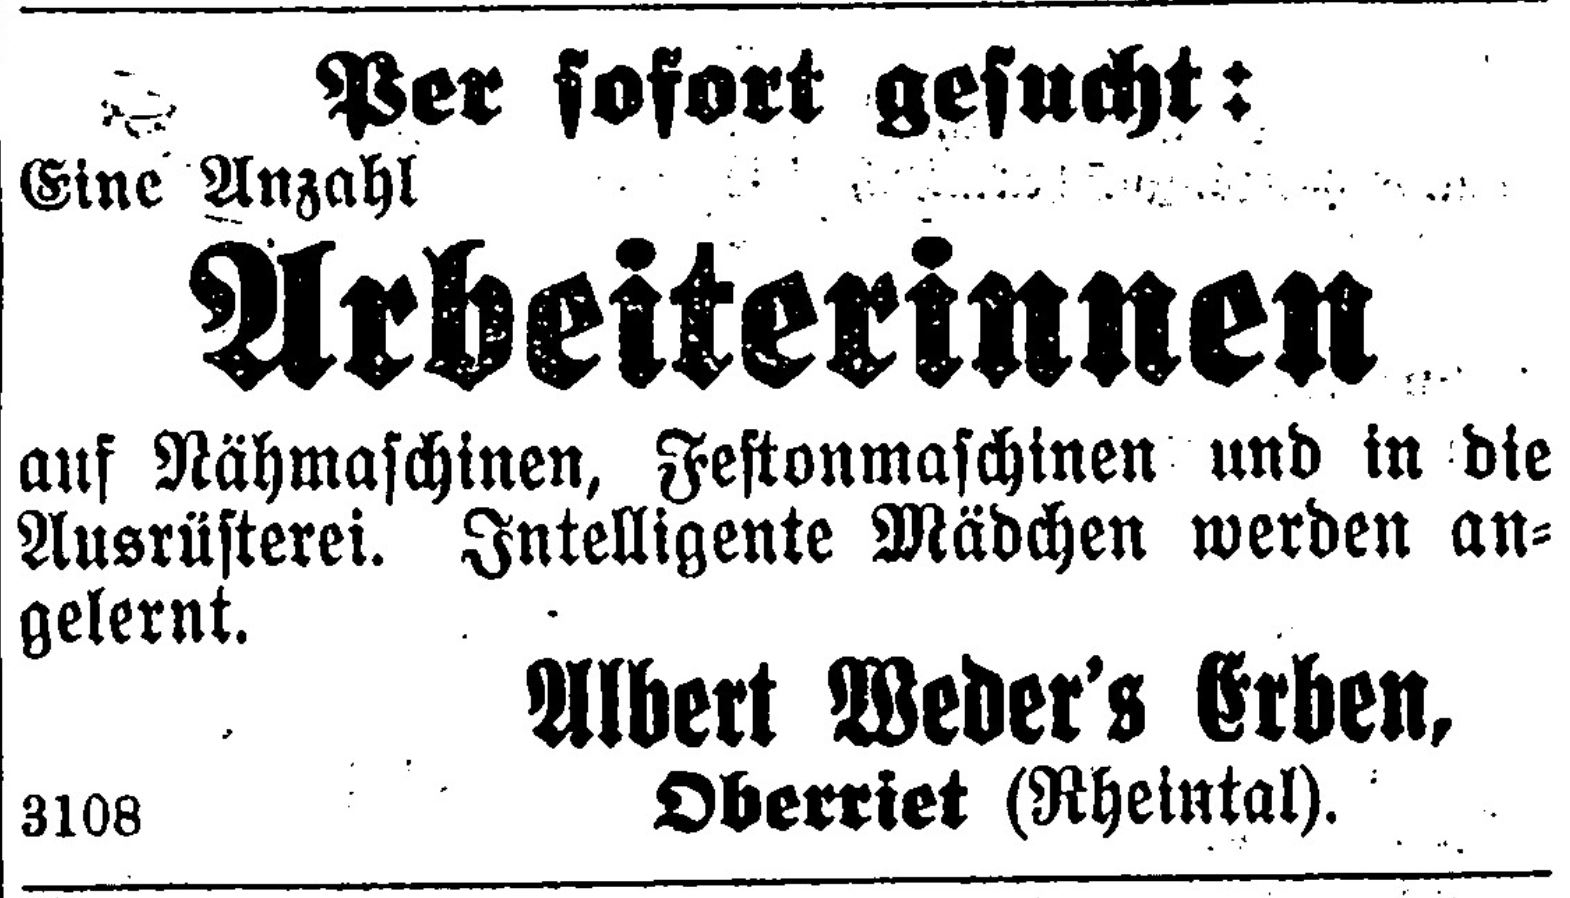 Albert Weder's Erben, Oberriet